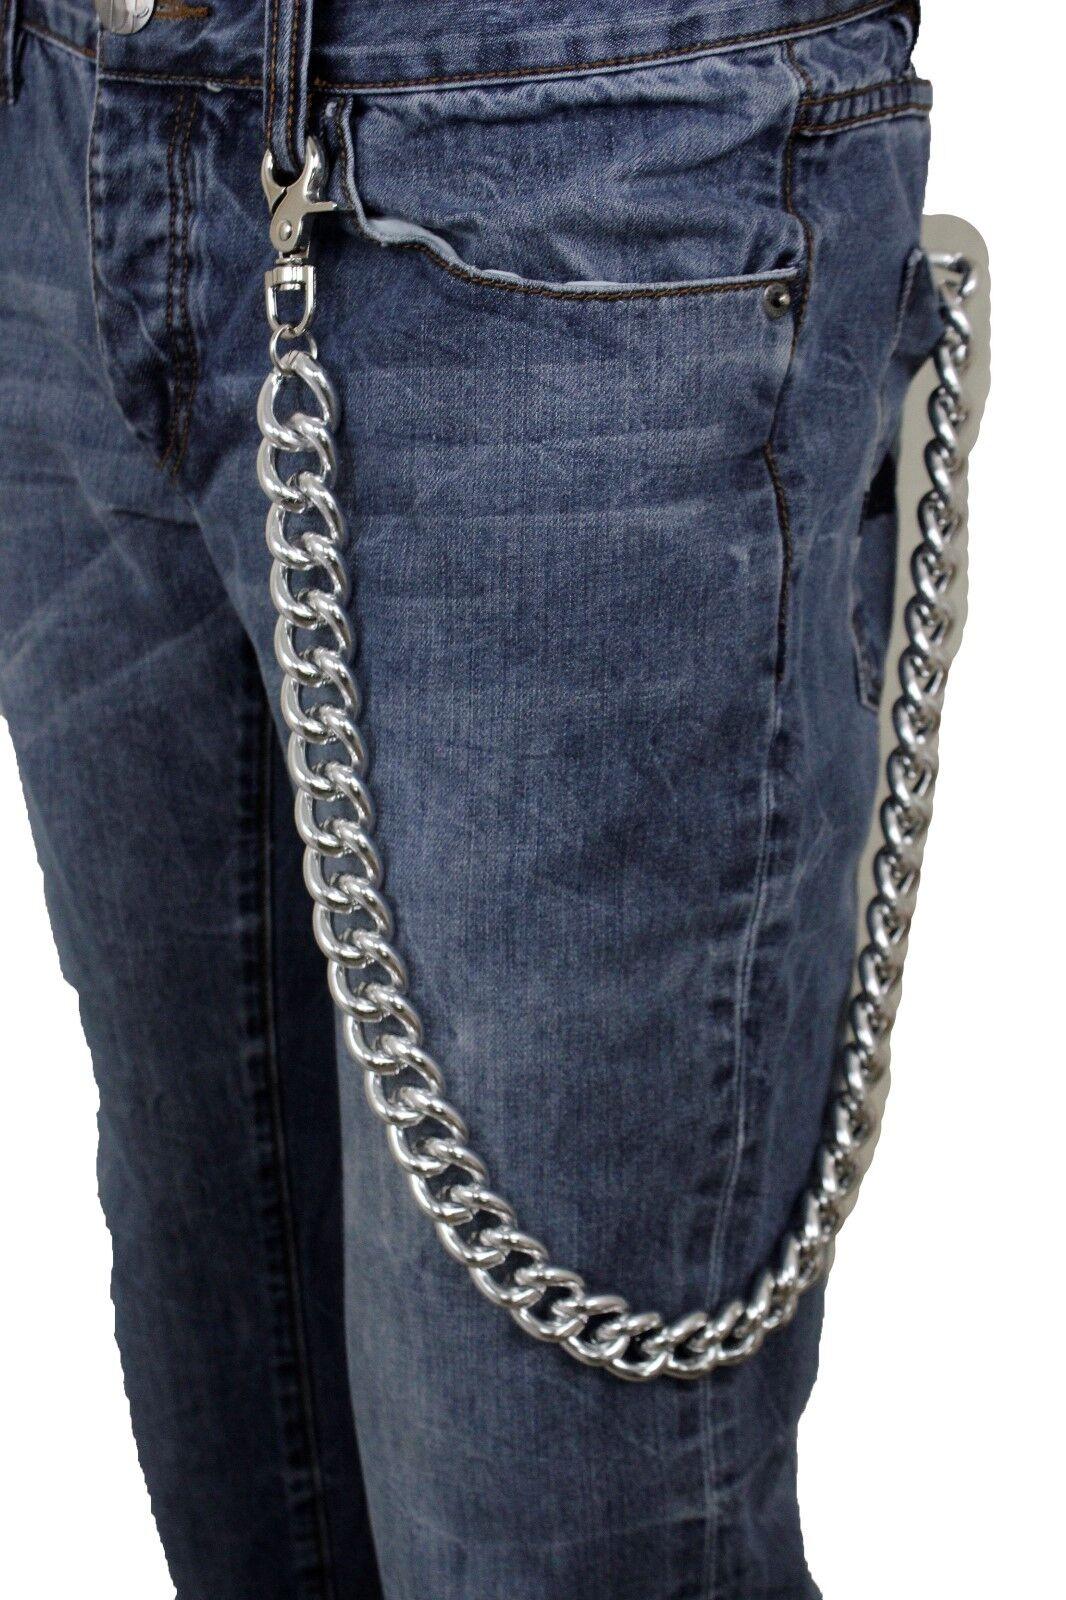 Herren Portemonnaie Kette Silber Grob Metall Dick Links Lang Bling Jeans Schicke